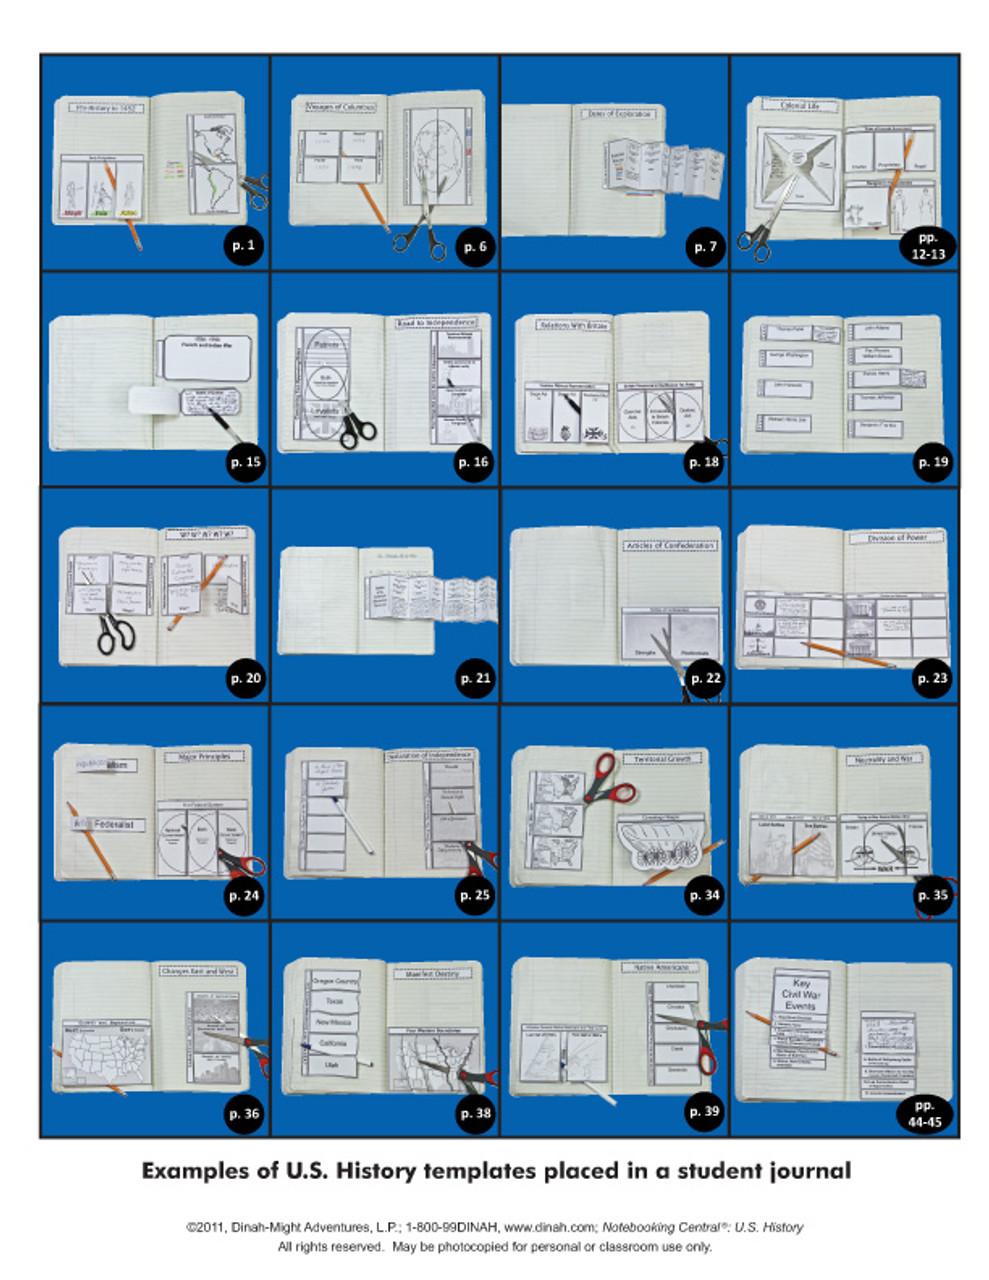 Nc ushistory oct15 layout 1 (page 03)